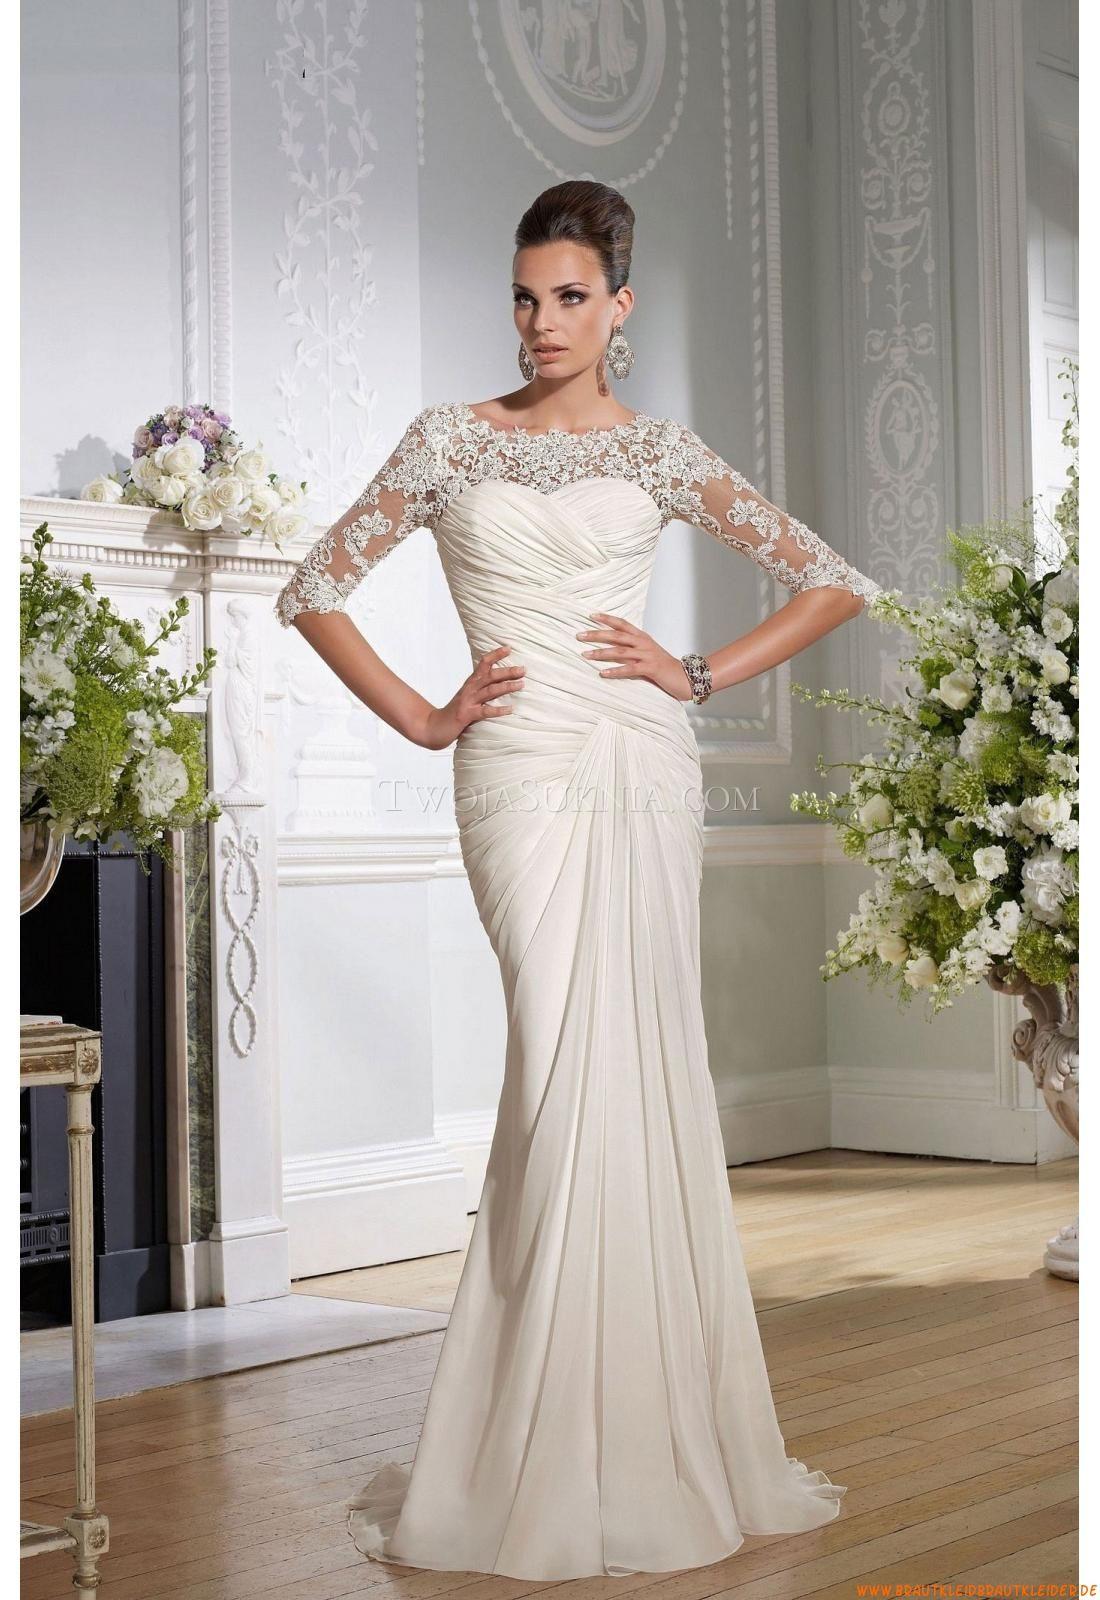 Rund-neck Sexy Bodenlang Elegante Brautkleider 2014   WHEN FERNANDO ...